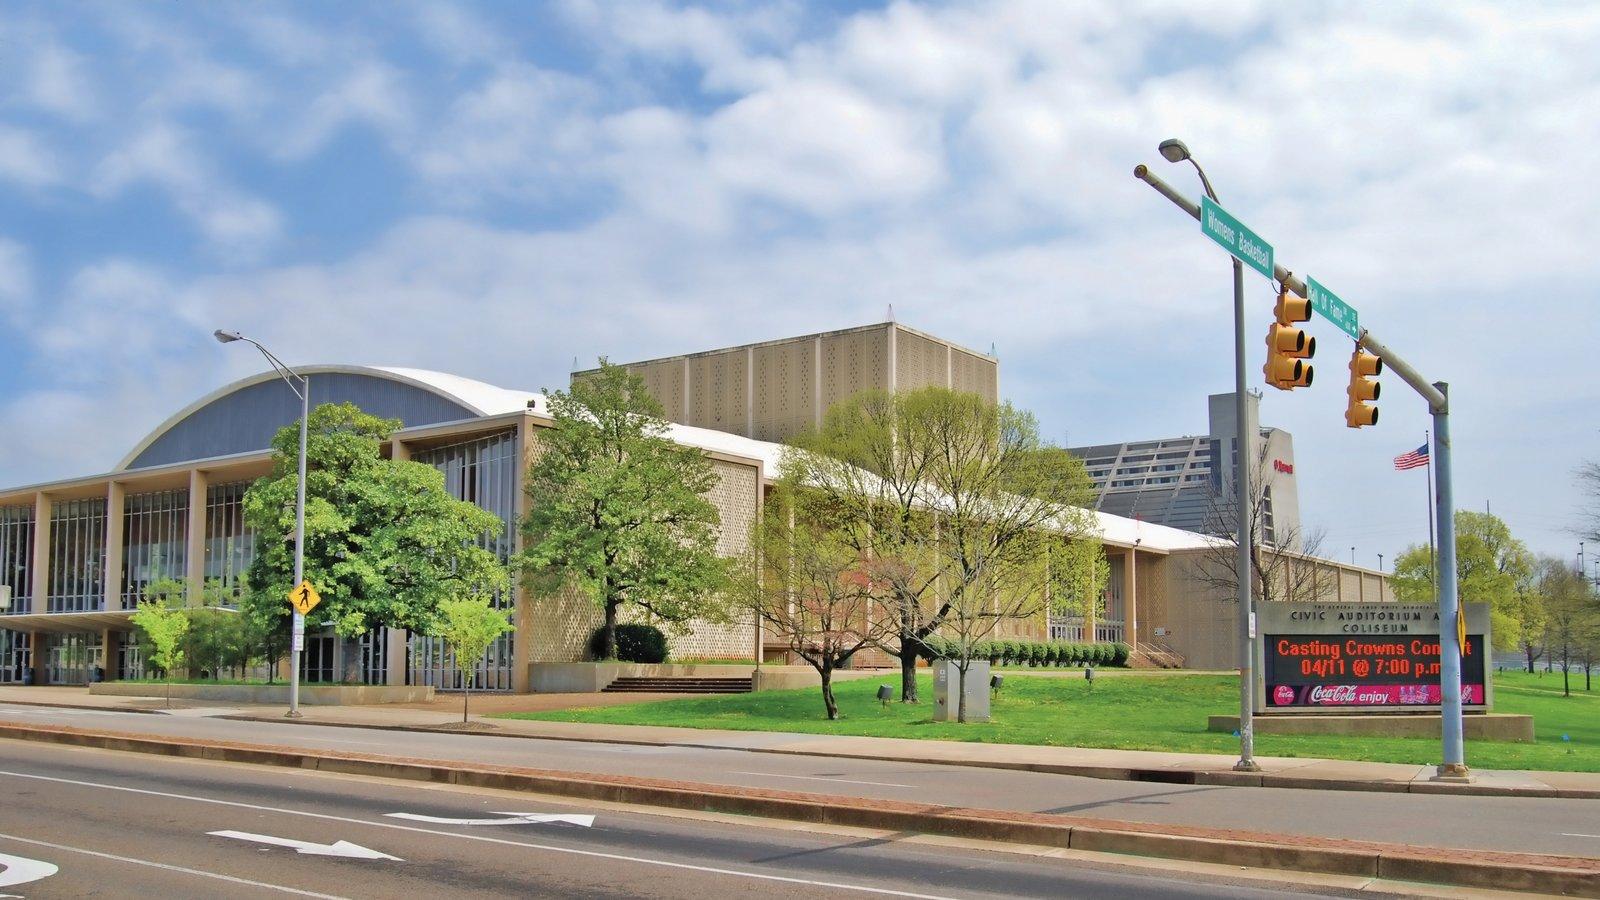 Knoxville que inclui uma cidade e arquitetura moderna